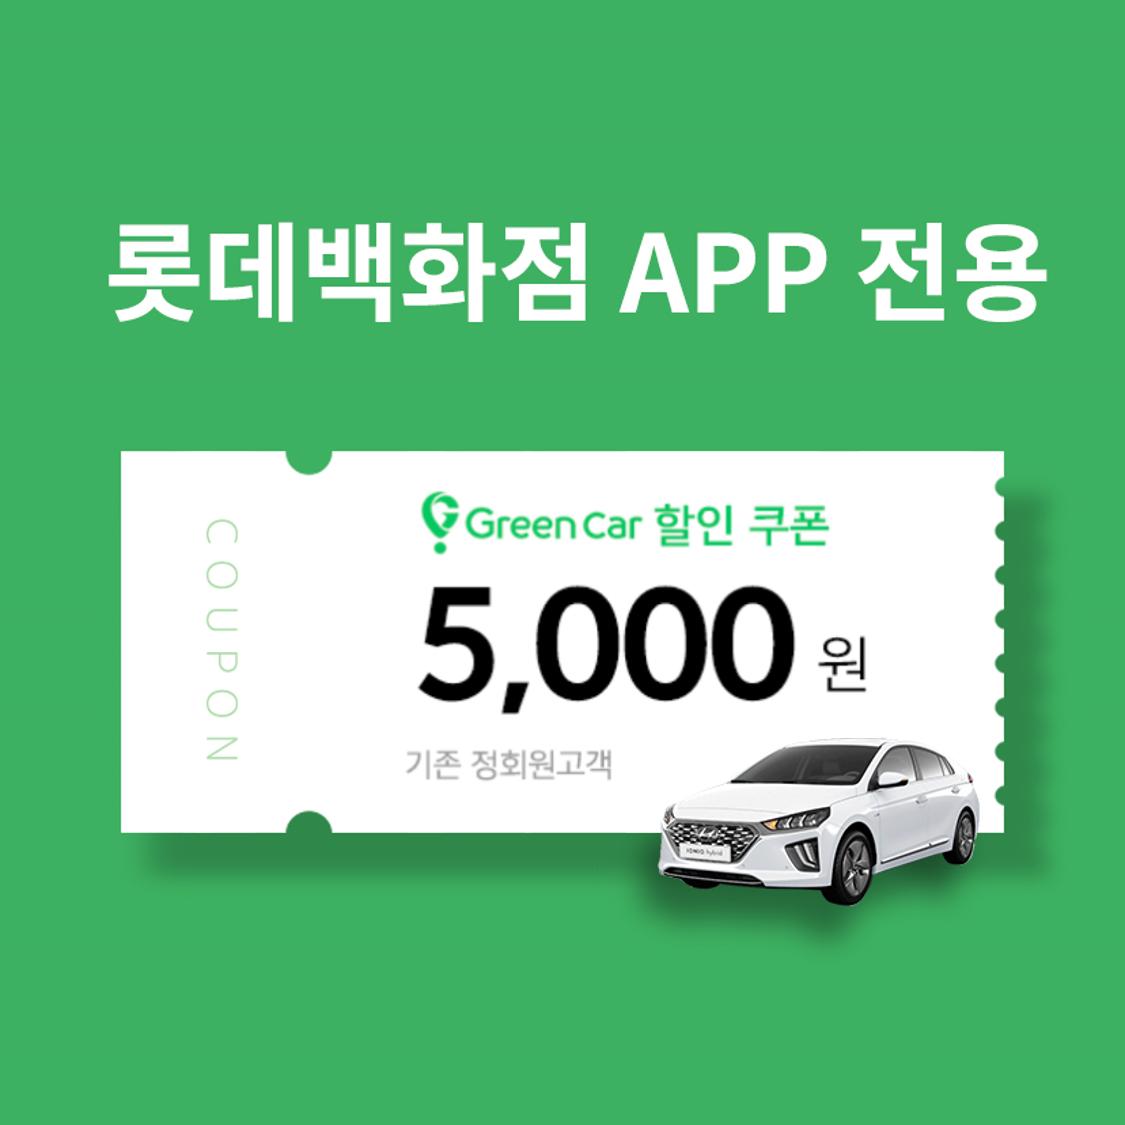 [그린카] 5천원 할인쿠폰 신청권